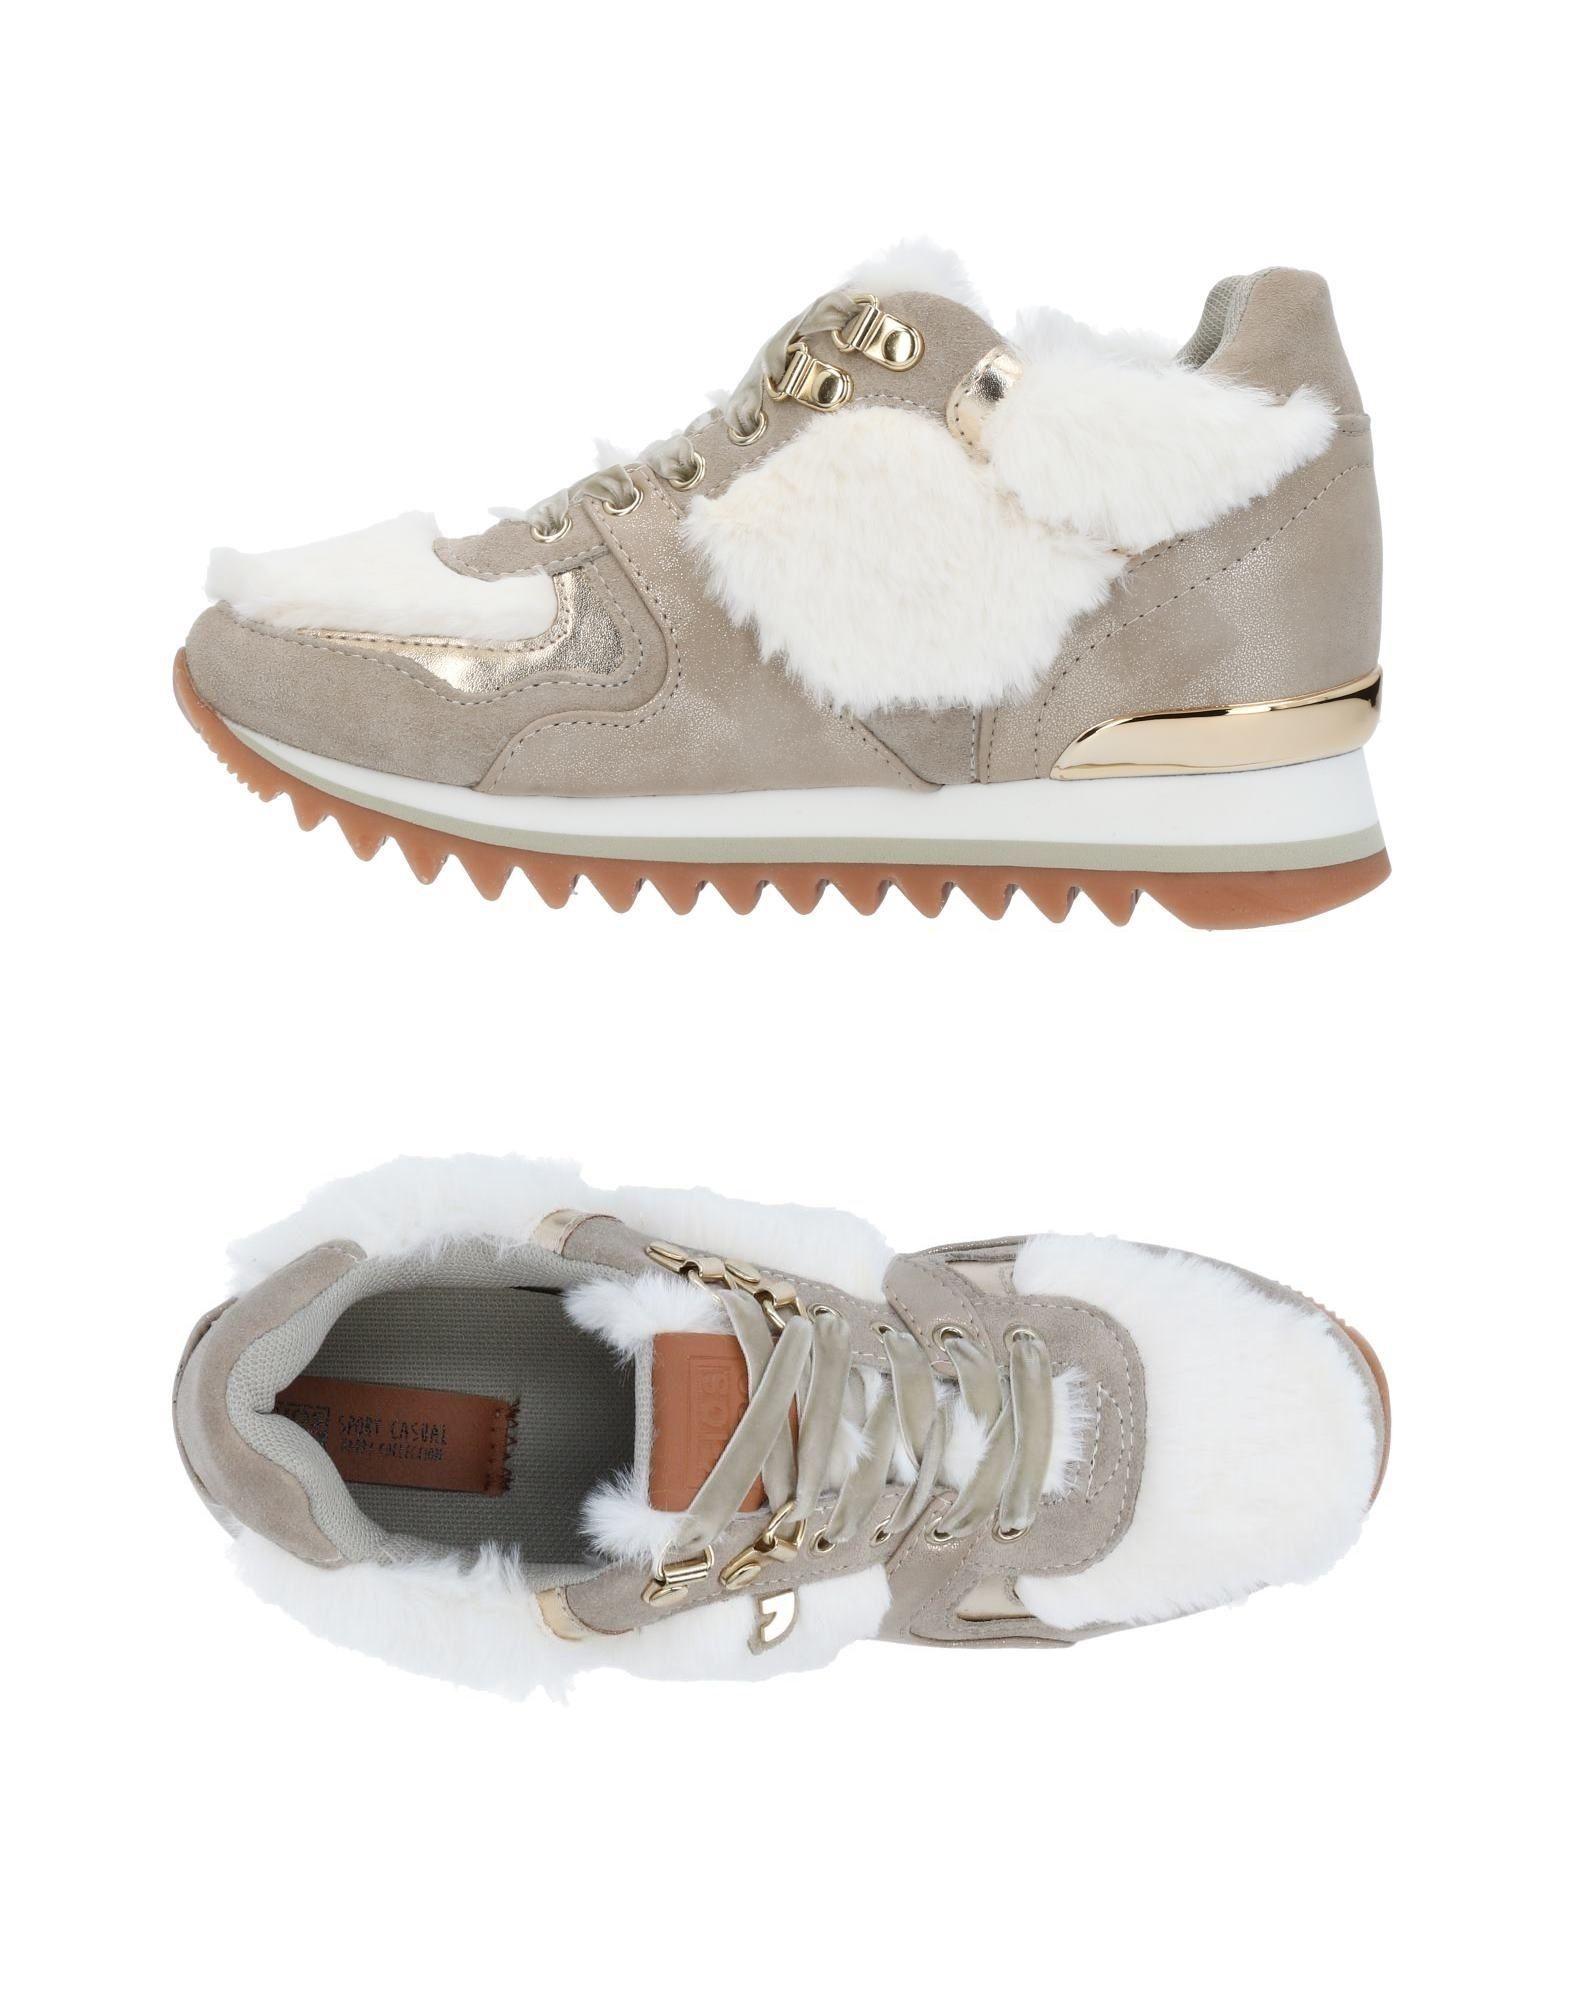 Sneakers Gioseppo Scarpe Donna - 11462459HL Scarpe Gioseppo comode e distintive e27be7